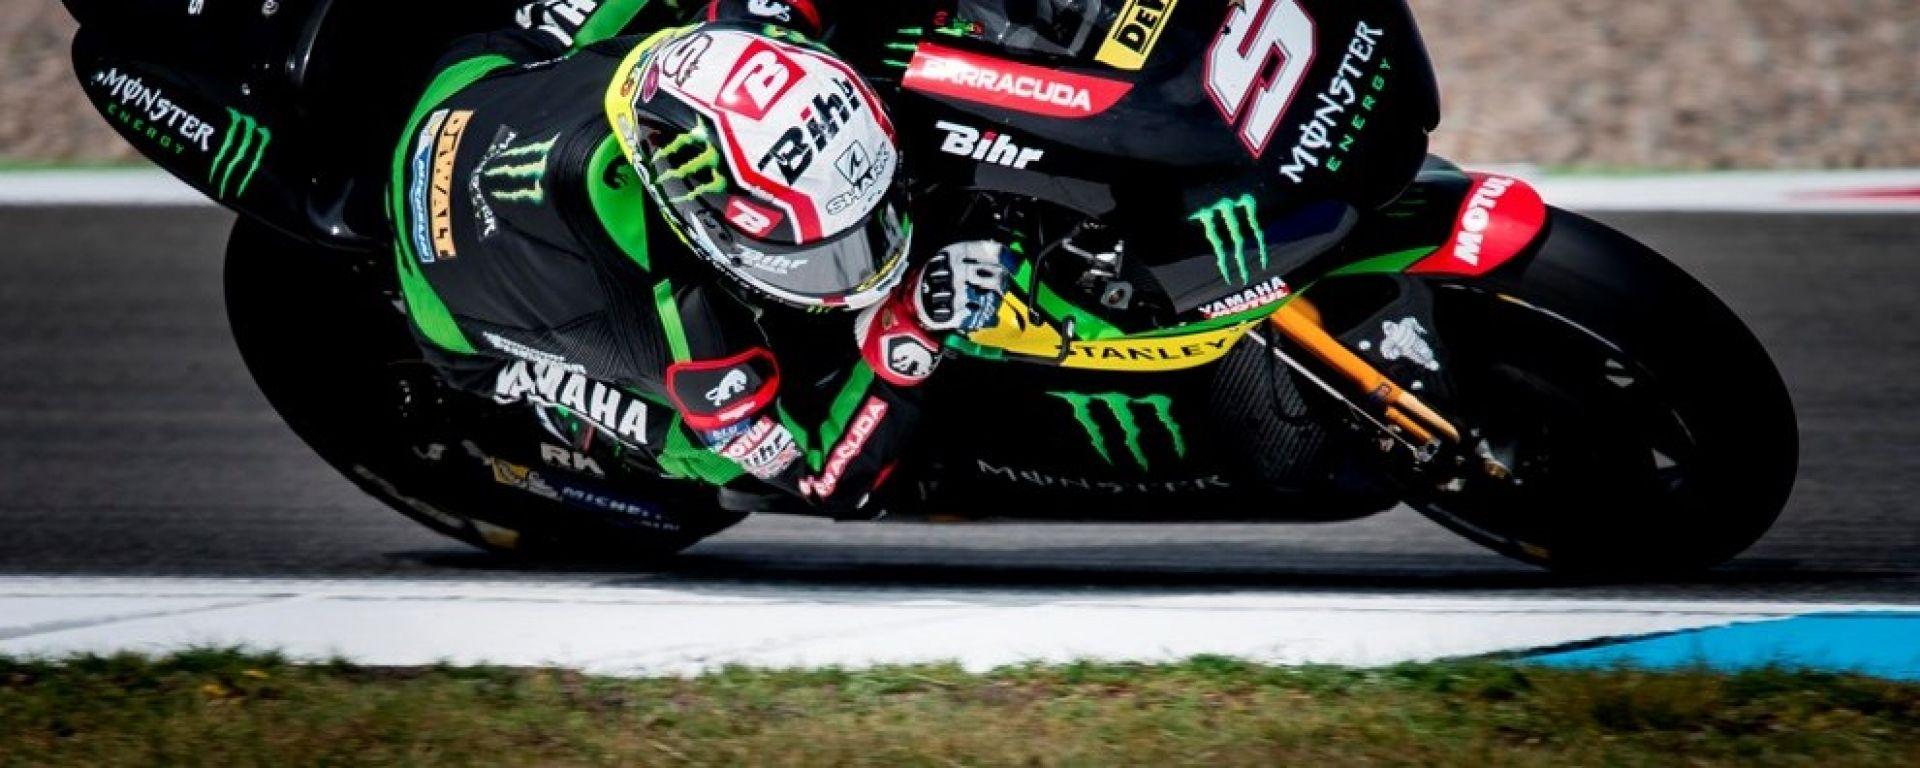 MotoGP Assen 2017: Johann Zarcò sigla la sua prima pole in MotoGP davanti a Marc Marquez e Danilo Petrucci